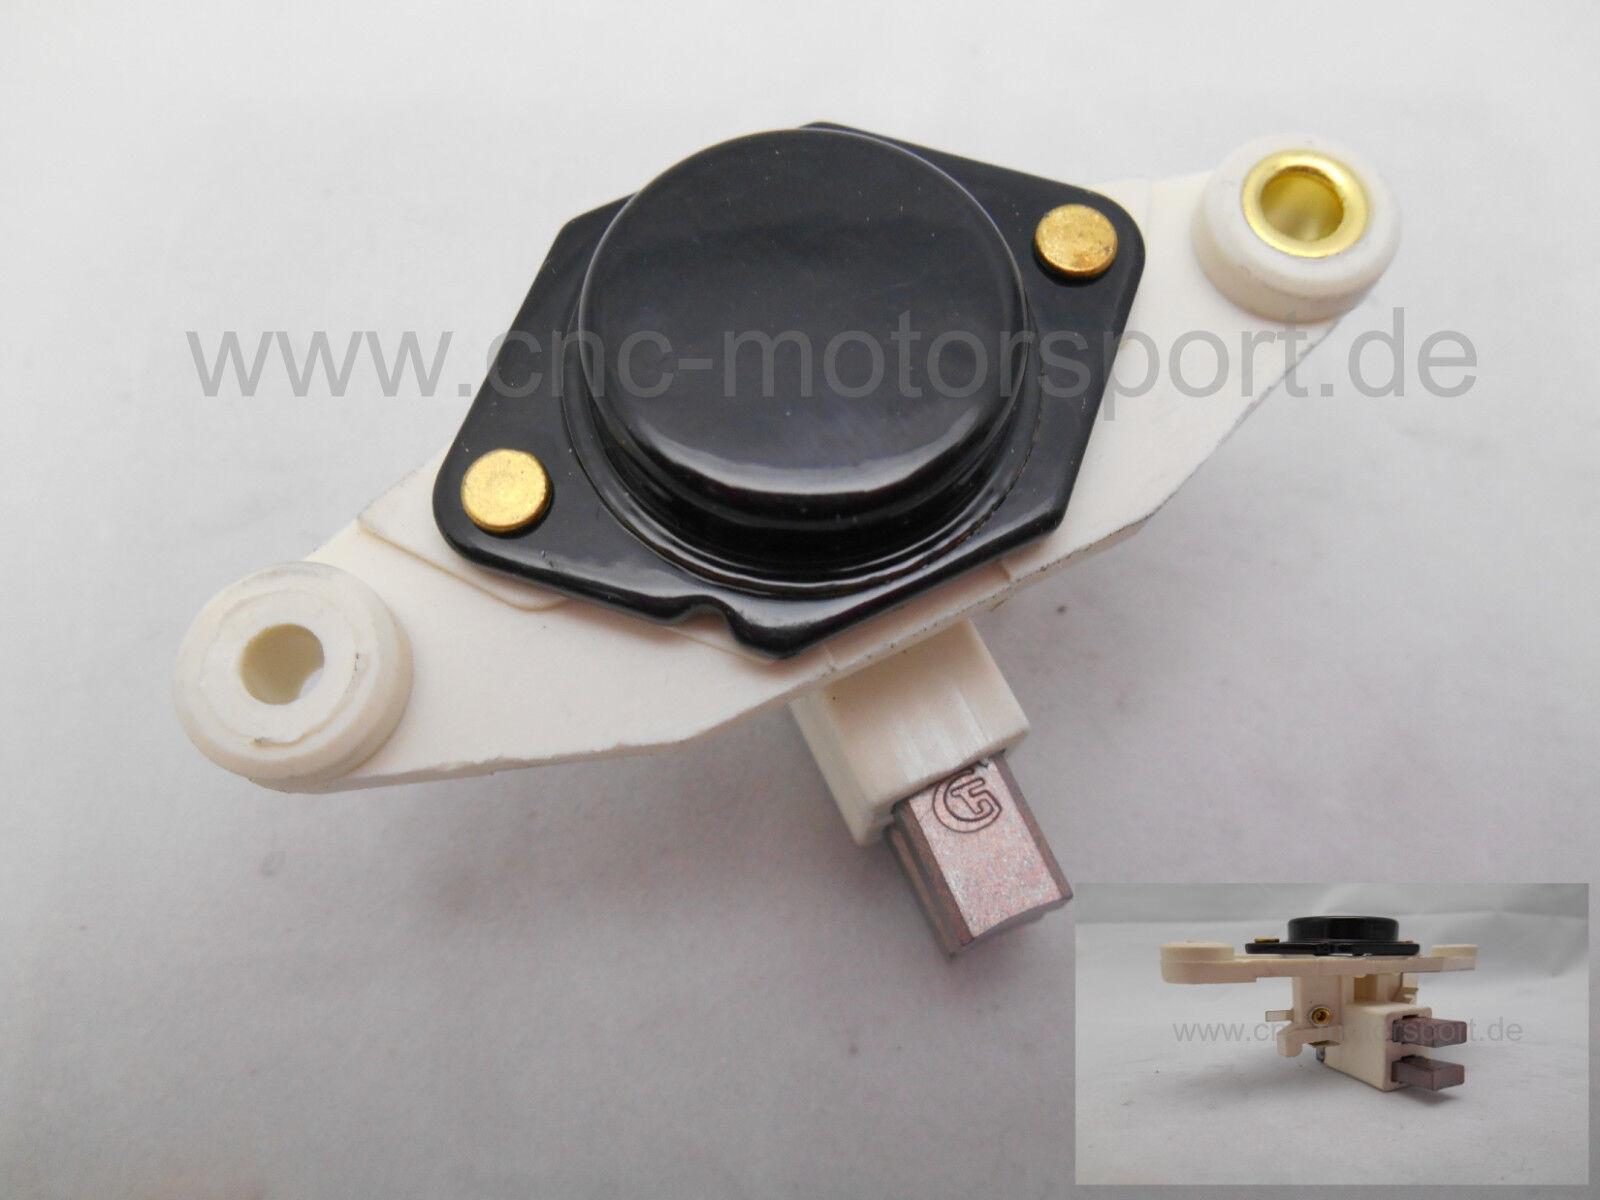 Regler f/ür Bosch Typ Alternator 12 V